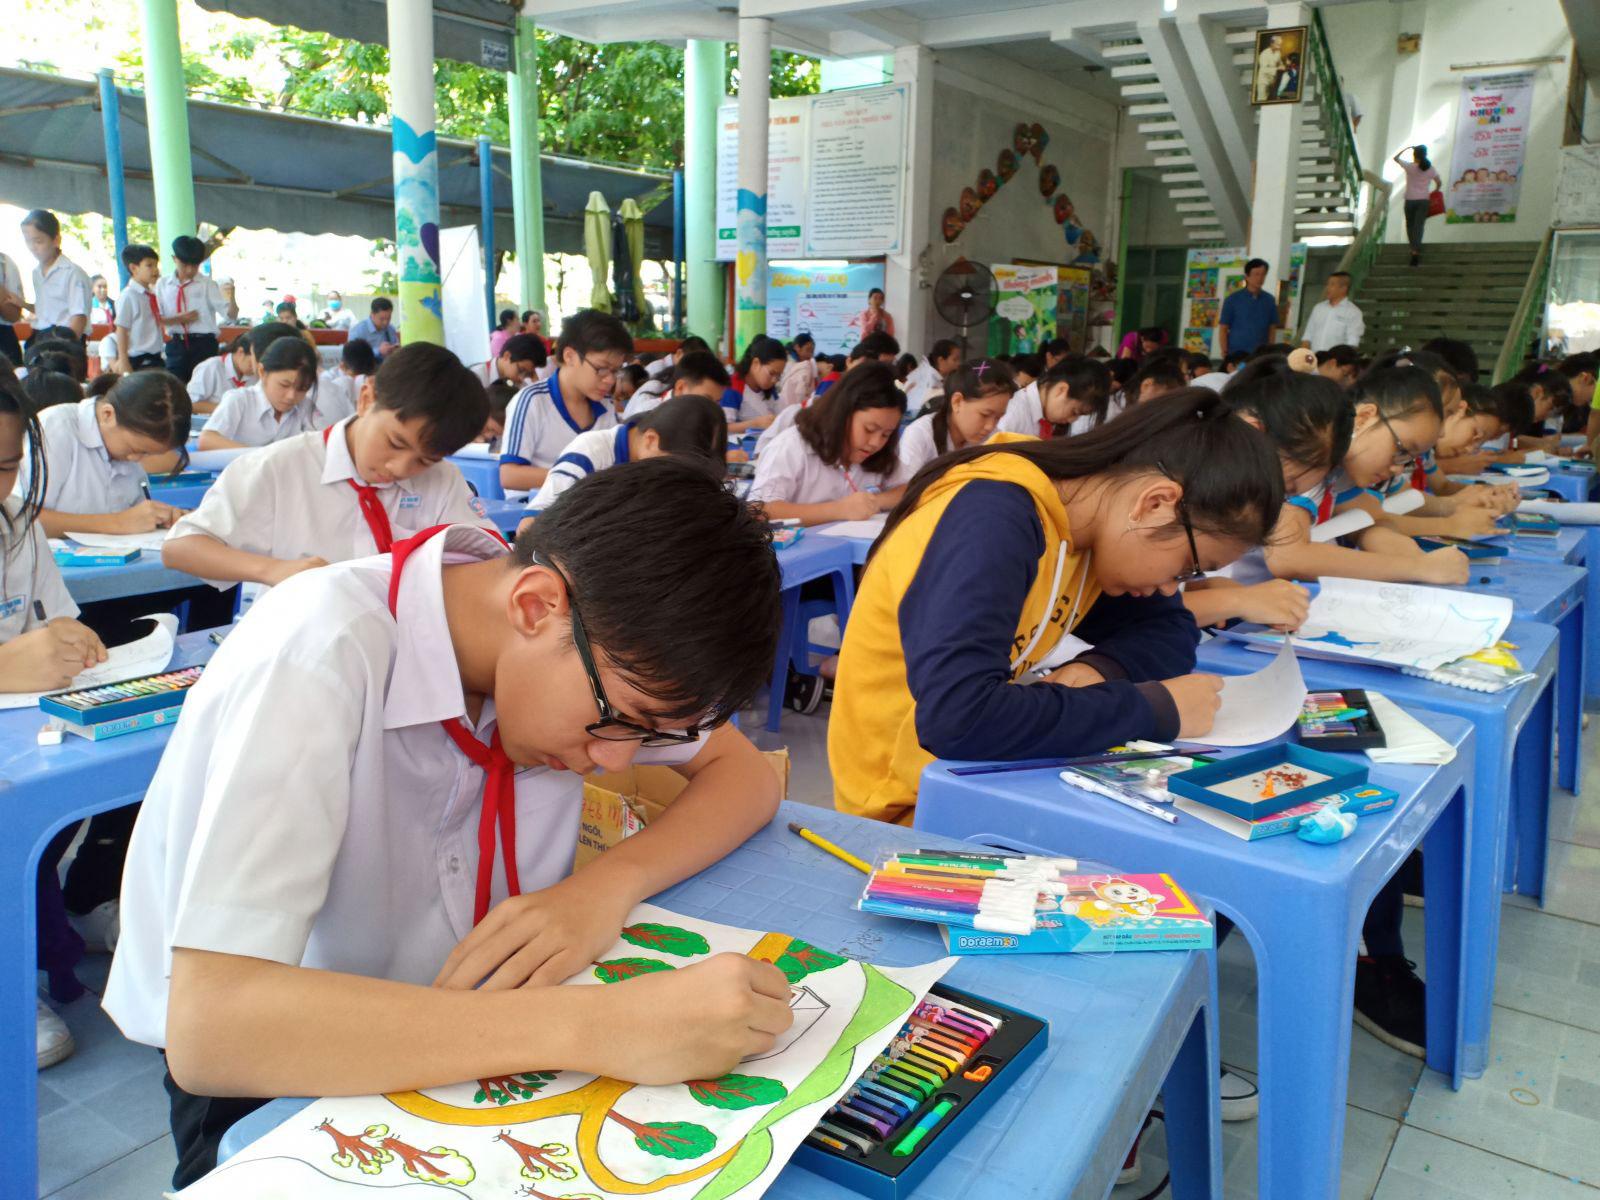 Các em học sinh thi vẽ tranh tại chỗ. Ảnh: LỆ THU